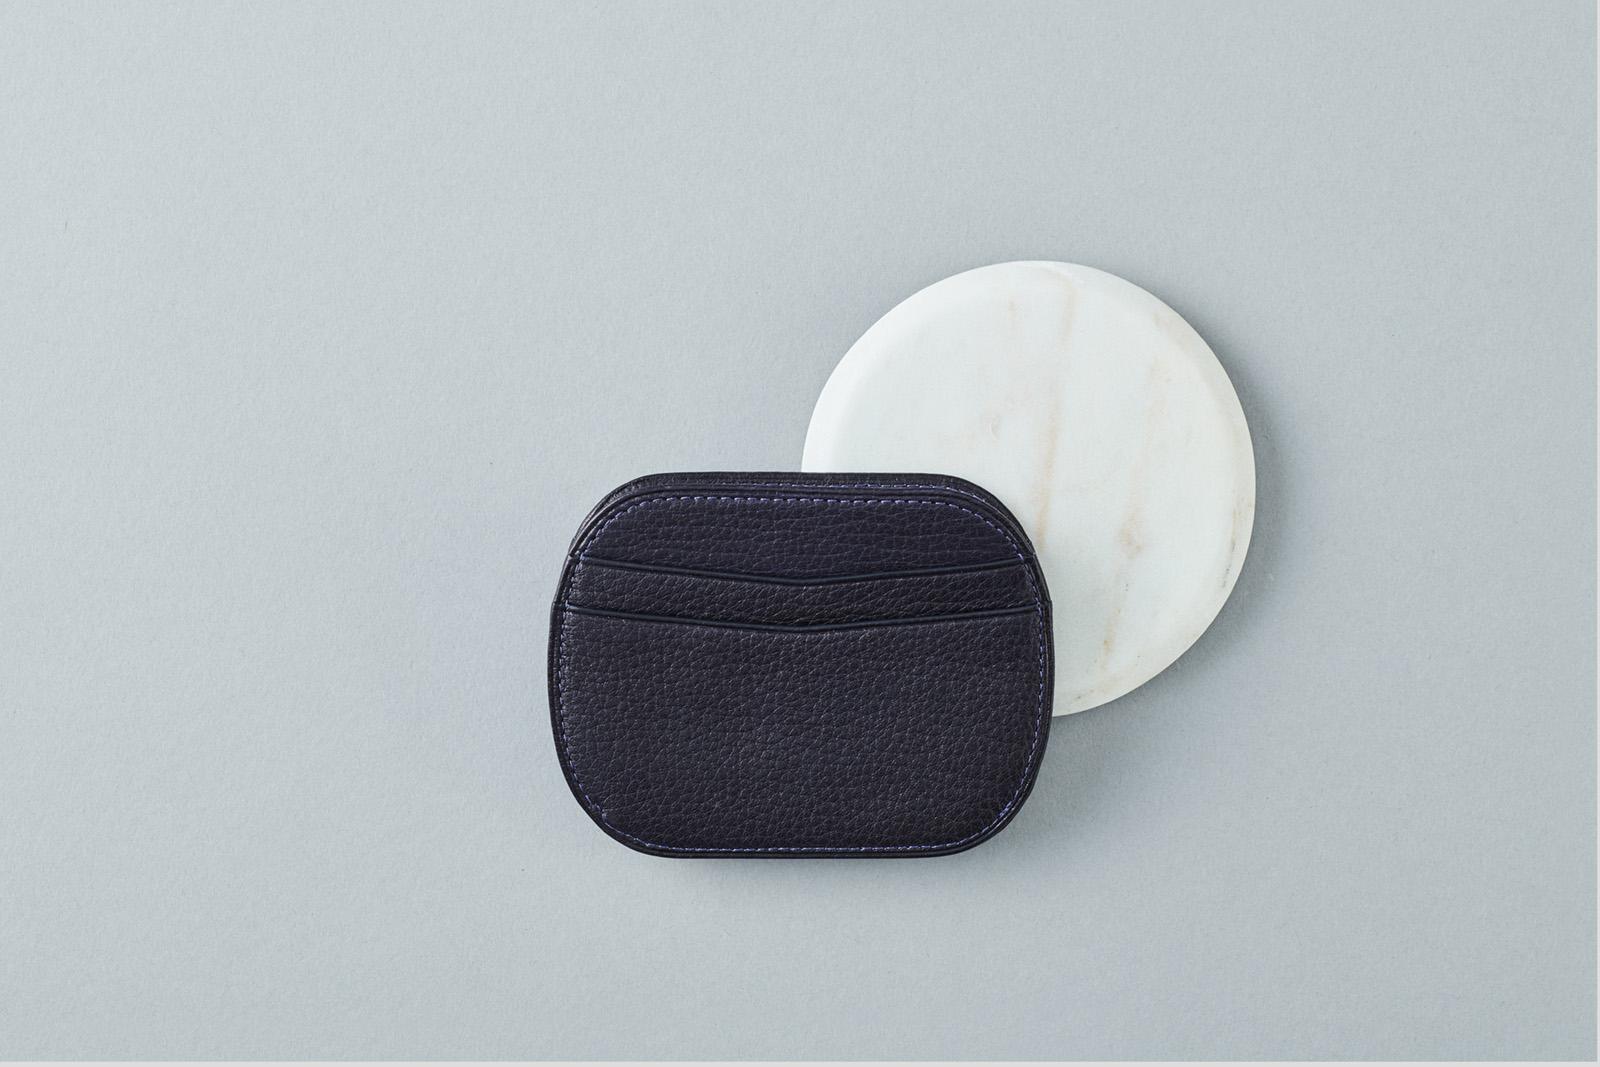 コニーリオの丸型ミニ財布